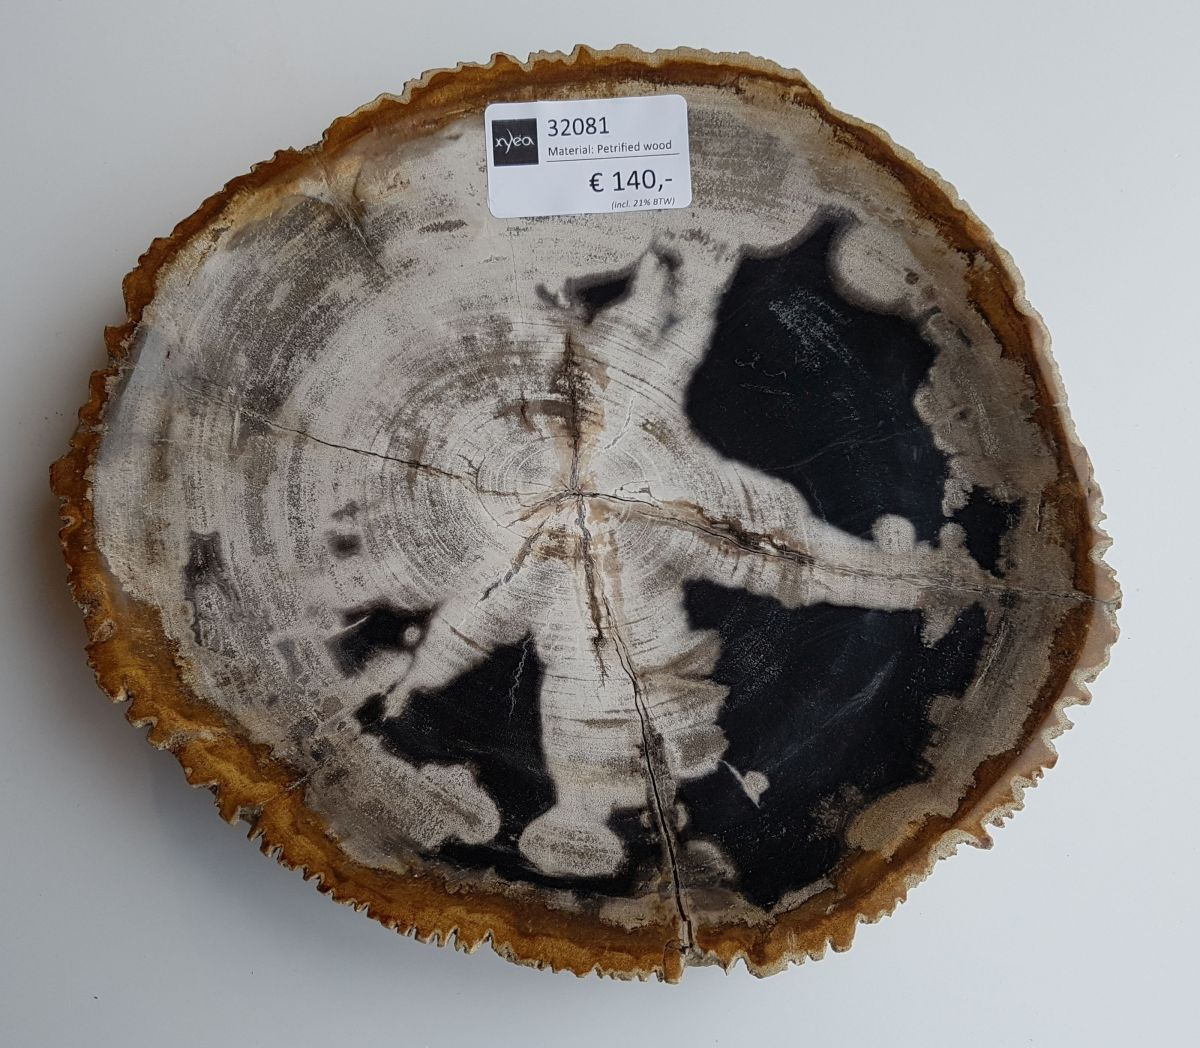 Teller versteinertes Holz 32081